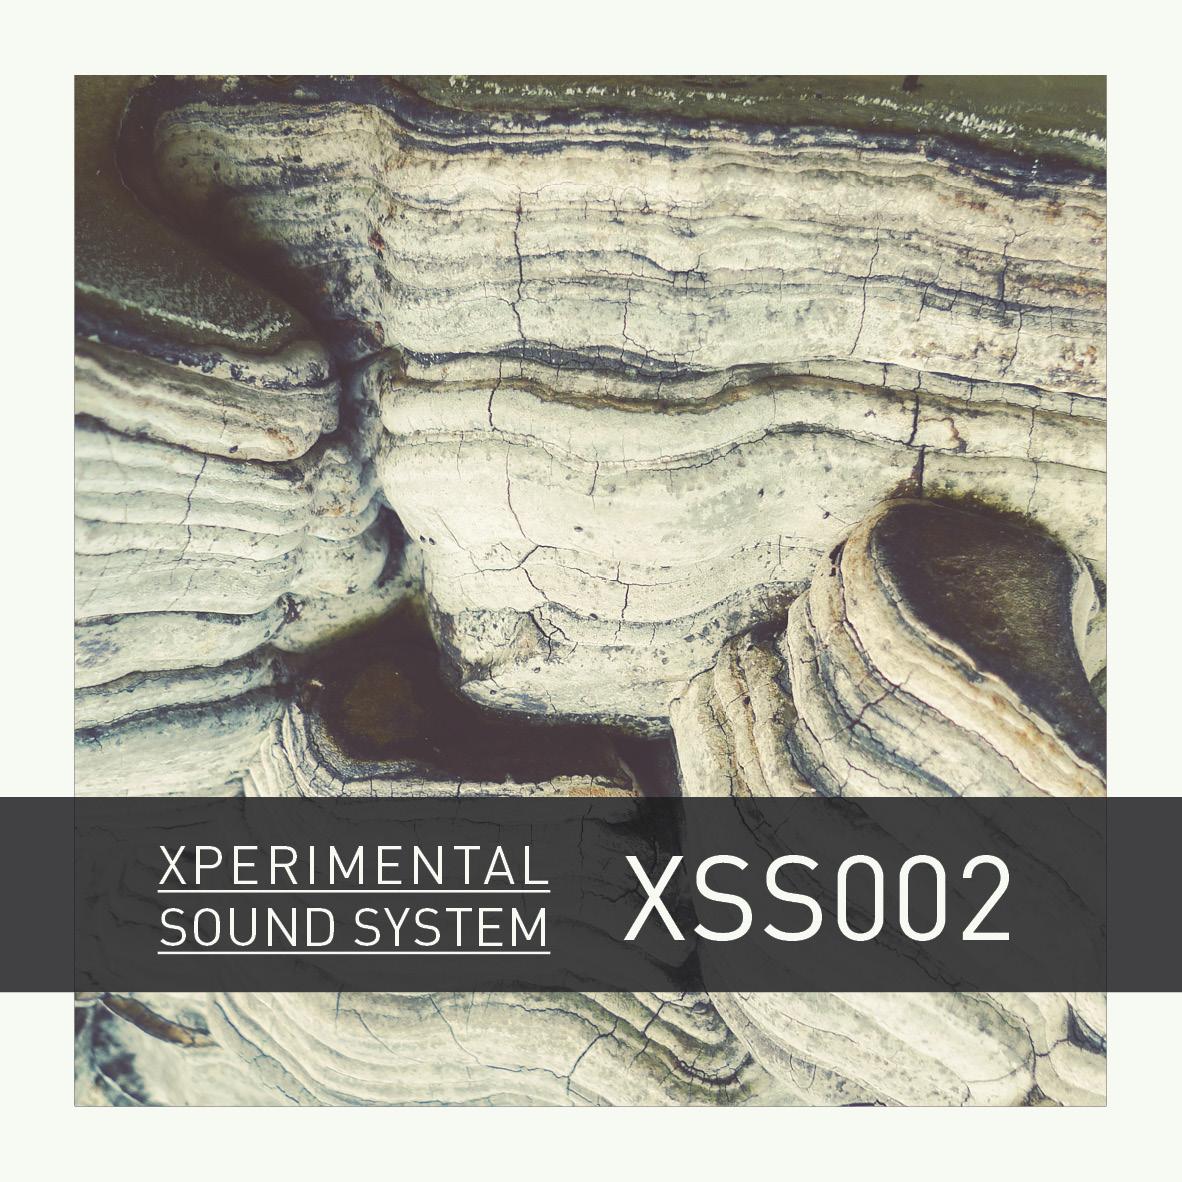 XSS002